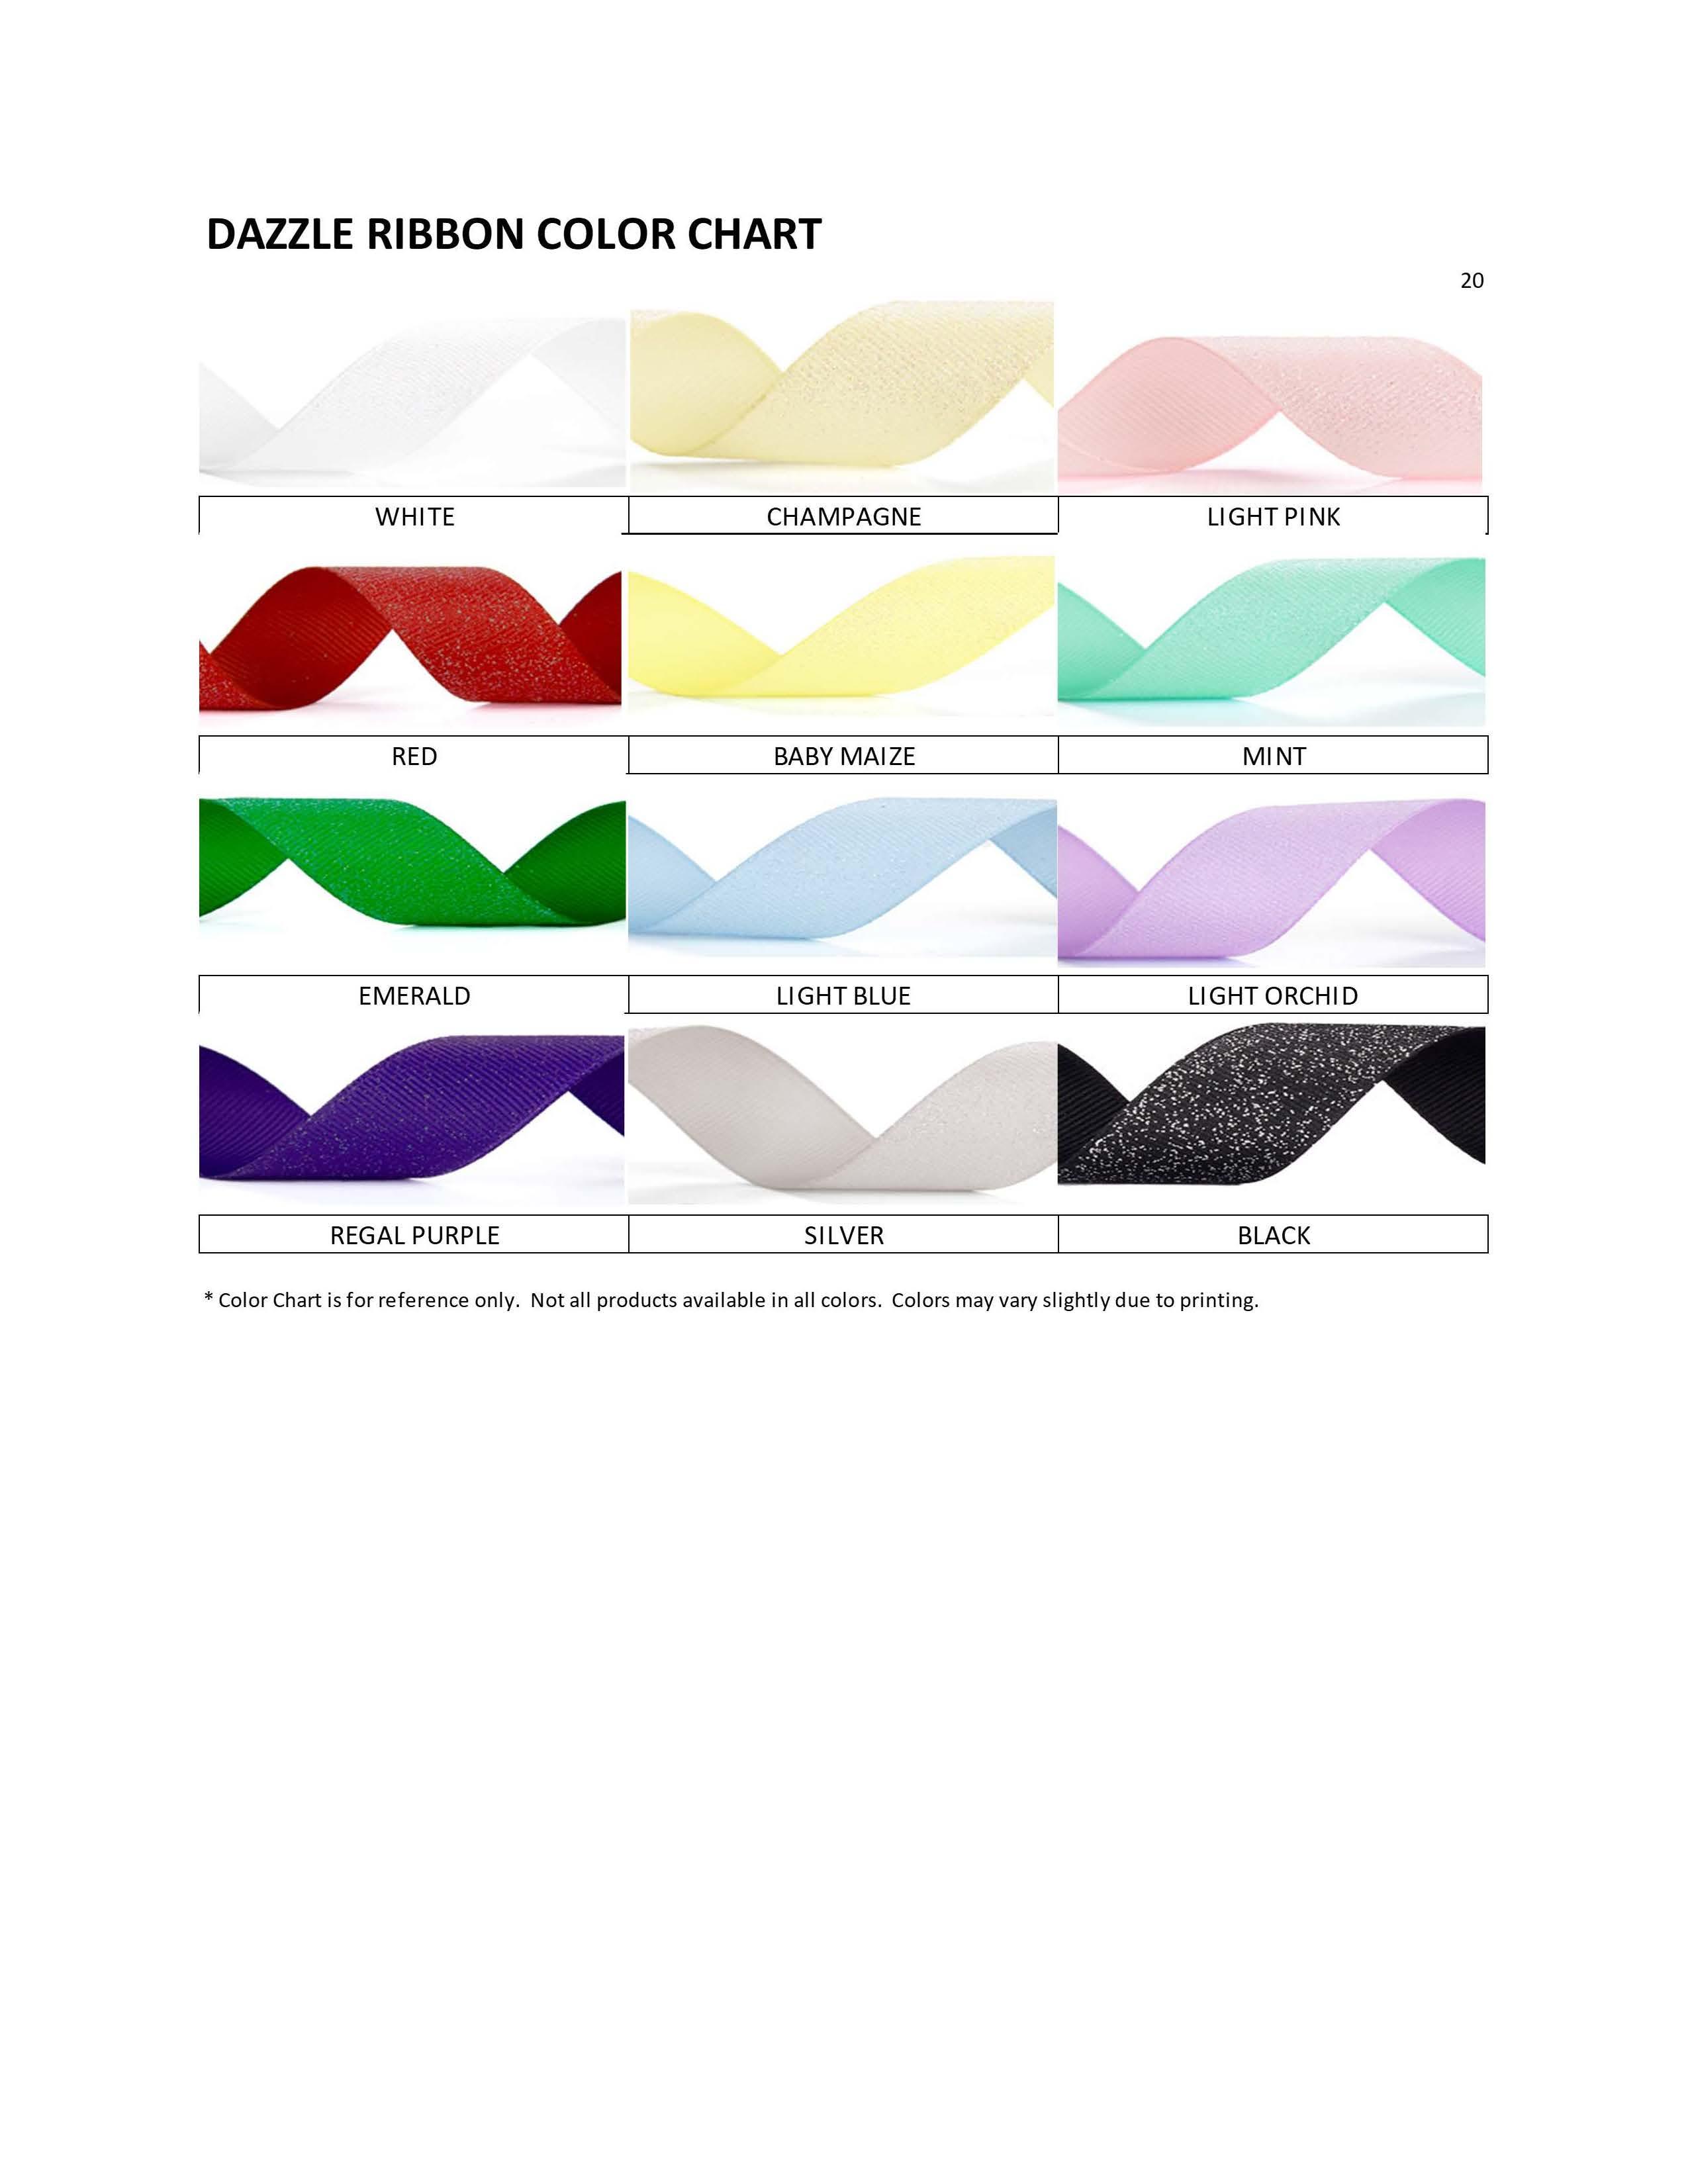 ribbon-color-charts-7-18-19-page-2.jpg